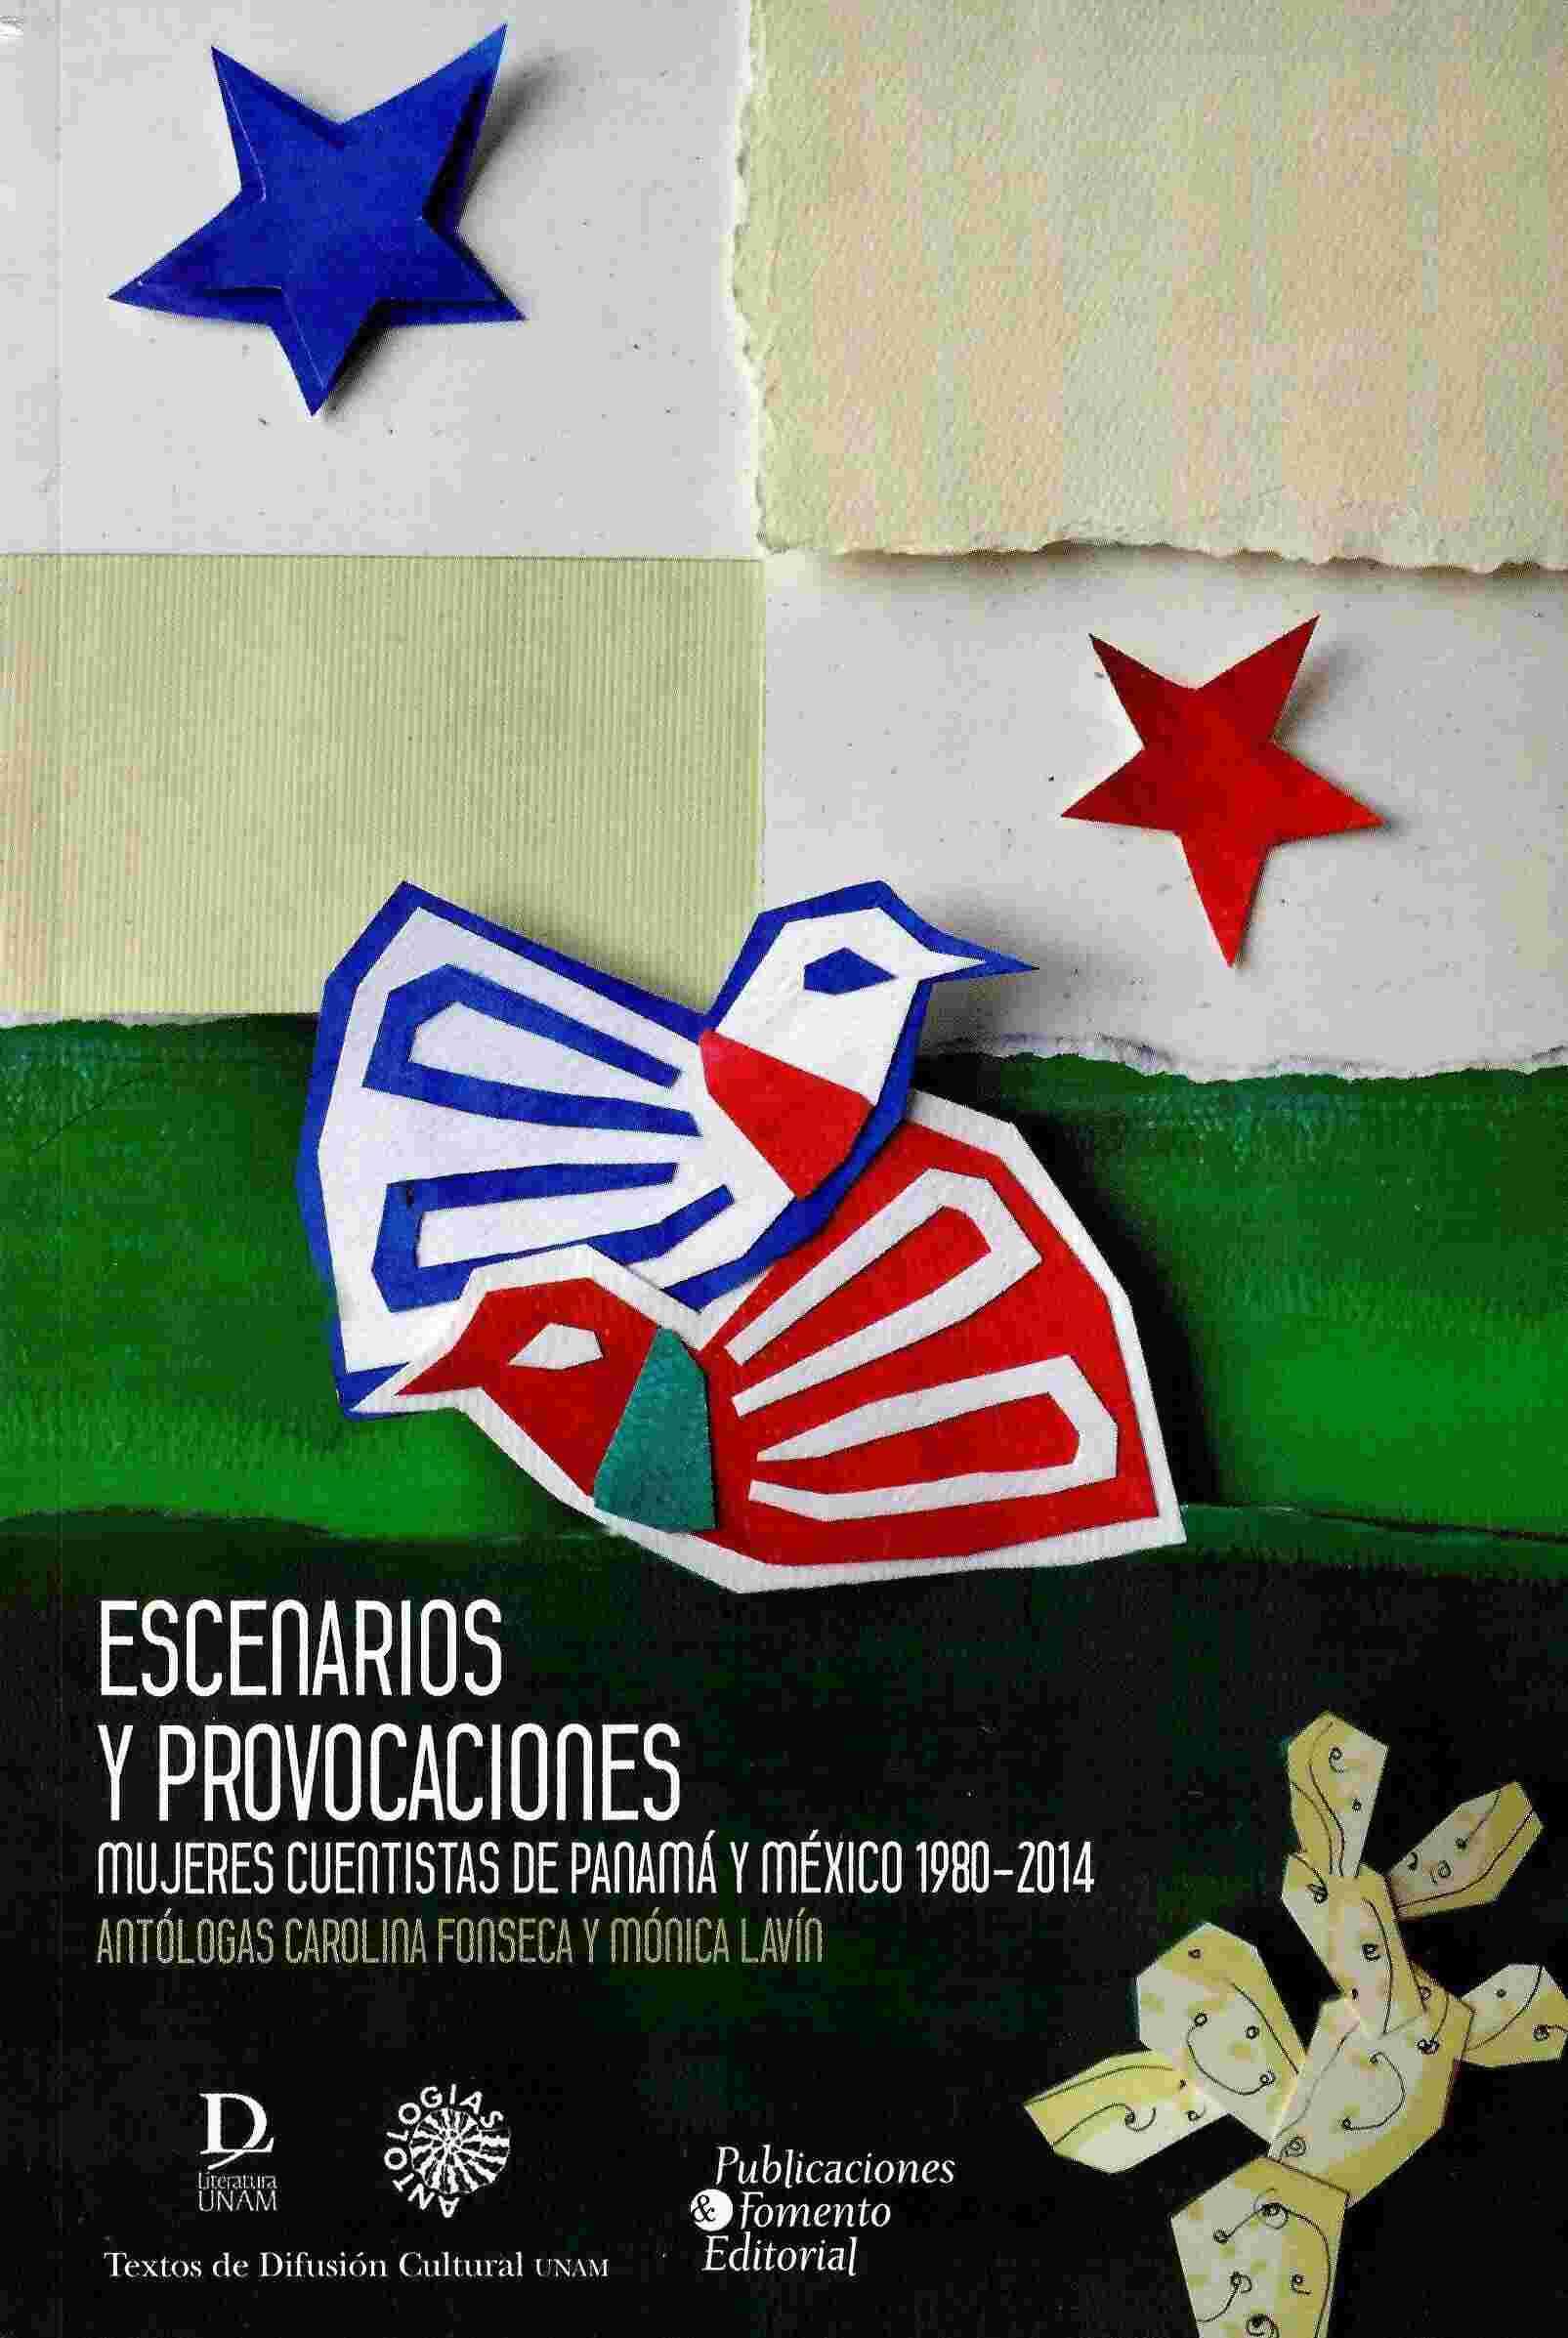 Escenarios y provocaciones. Mujeres cuentistas de Panamá y México 198-214